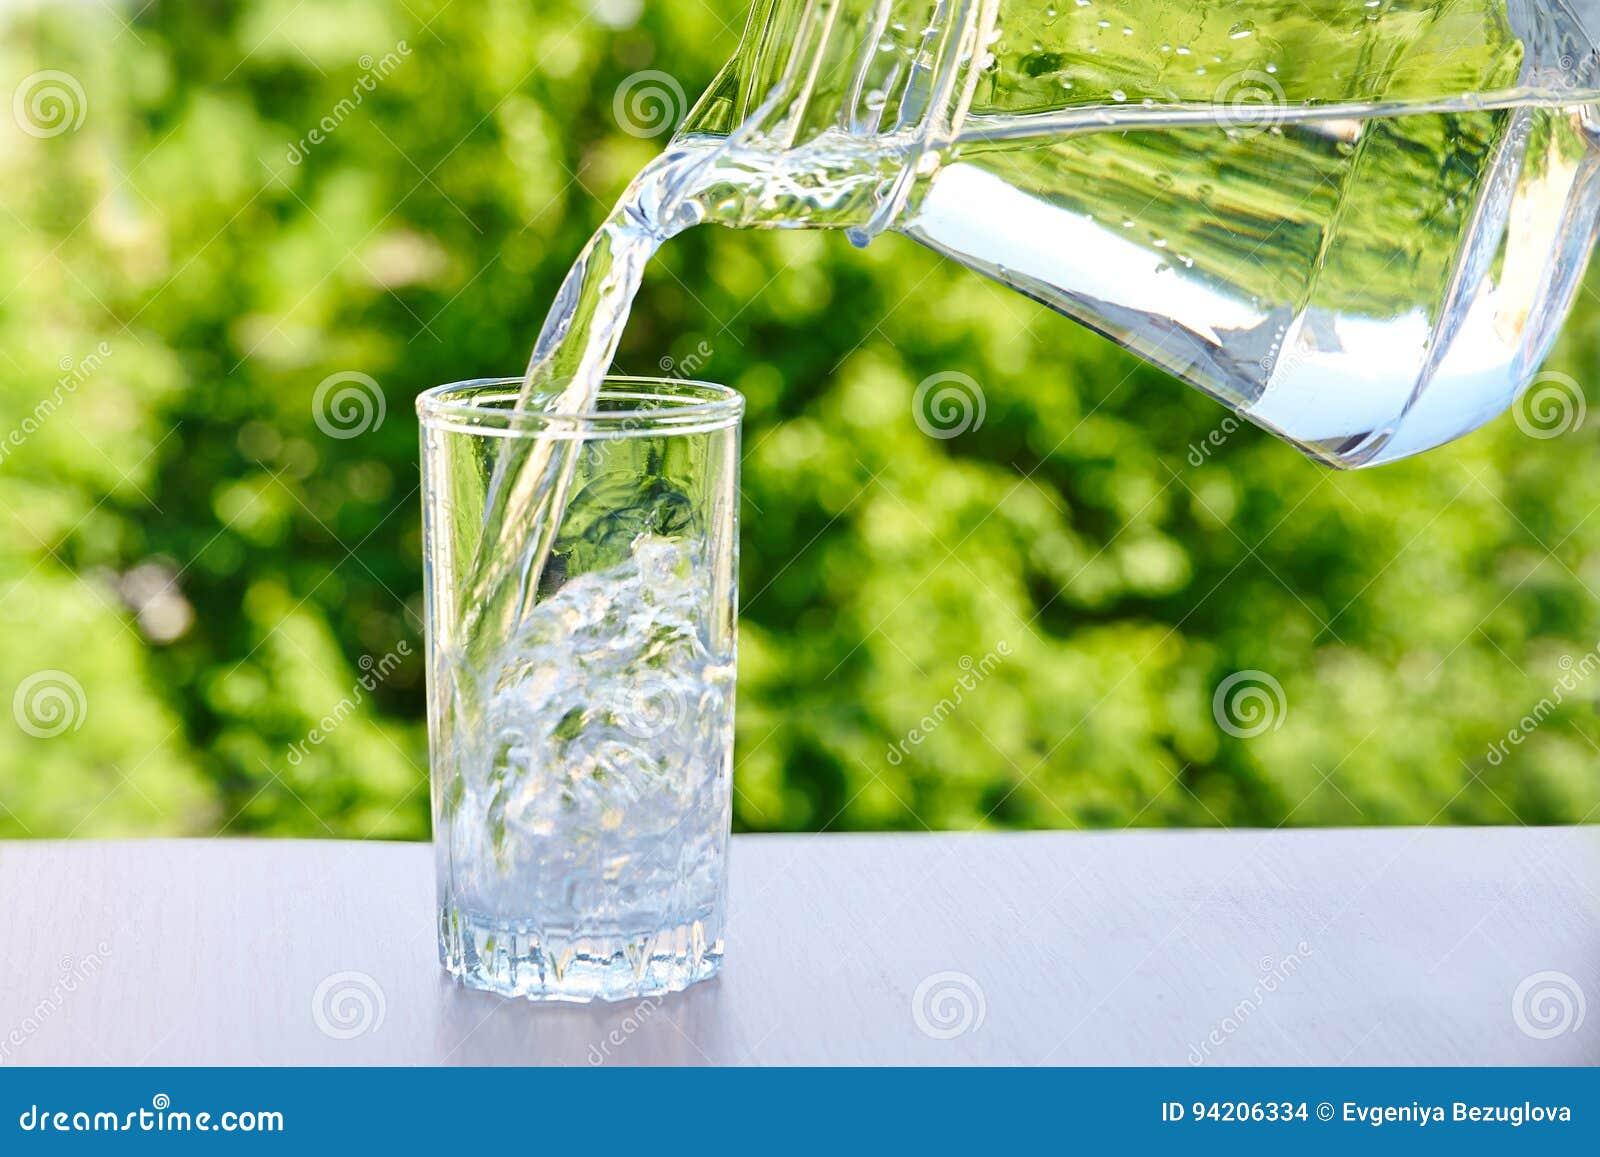 Sauberes Trinkwasser wird aus einem Krug in ein Glas gegossen